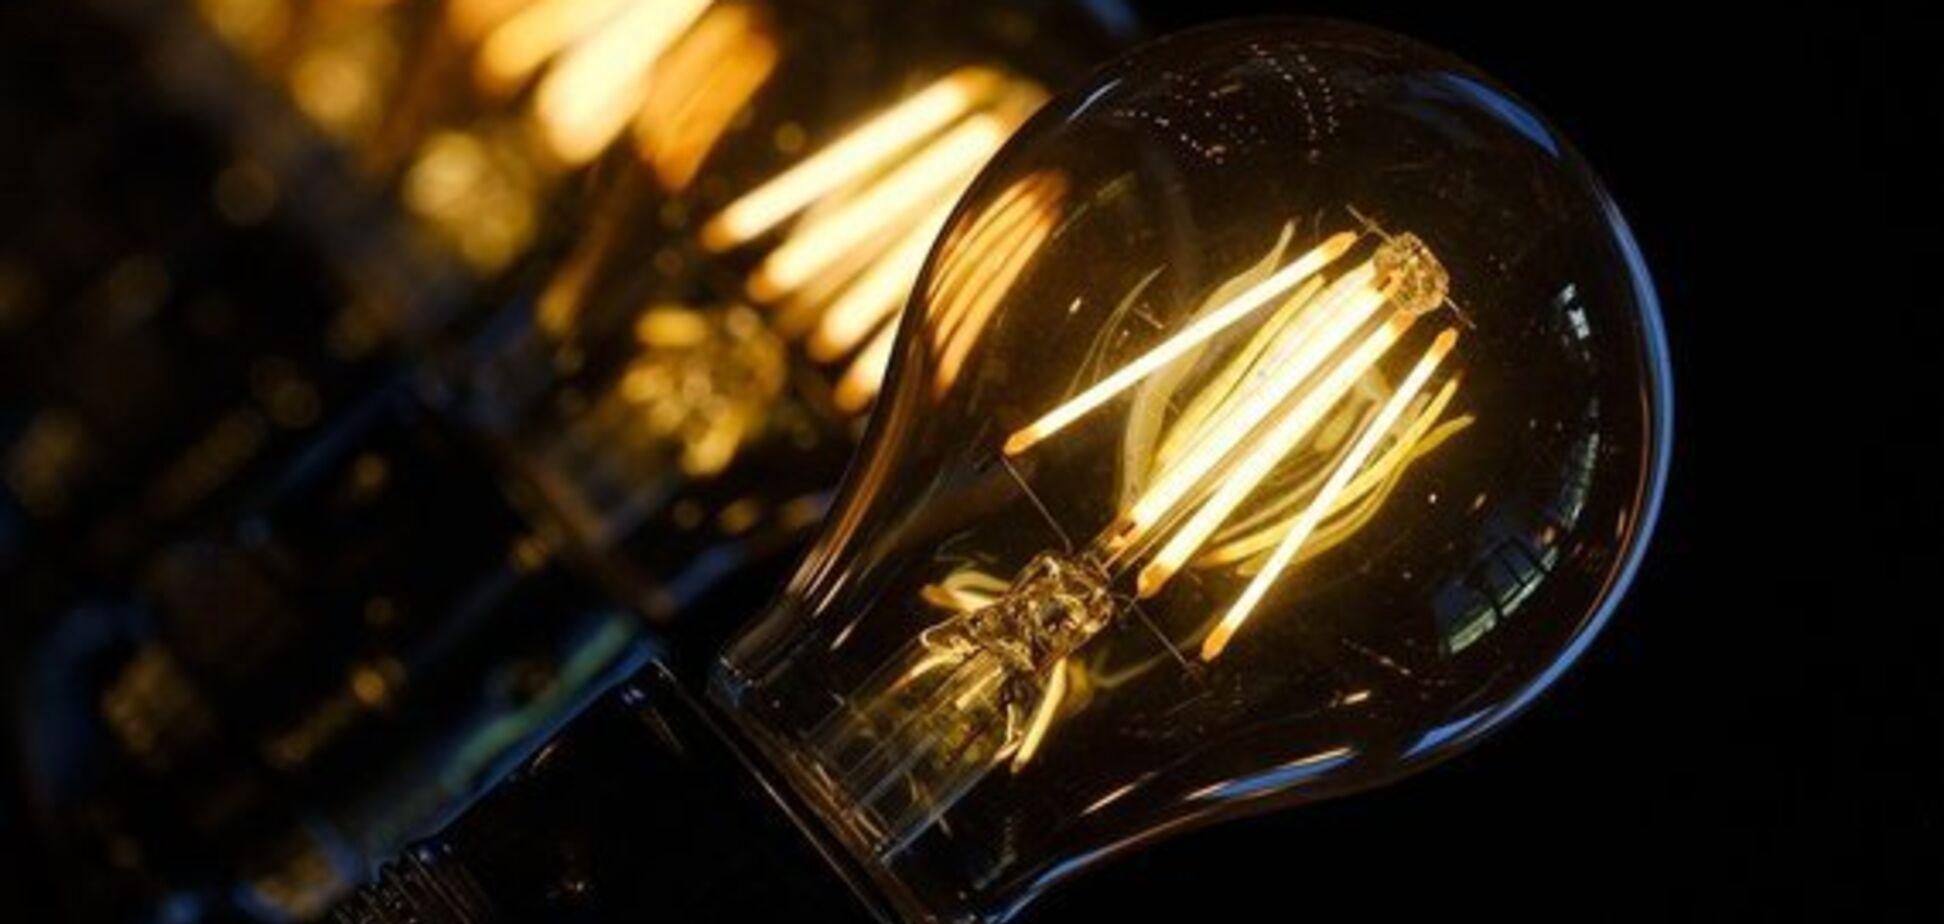 Українцям можуть підвищити тариф на світло: Буславець сказала, чого чекати